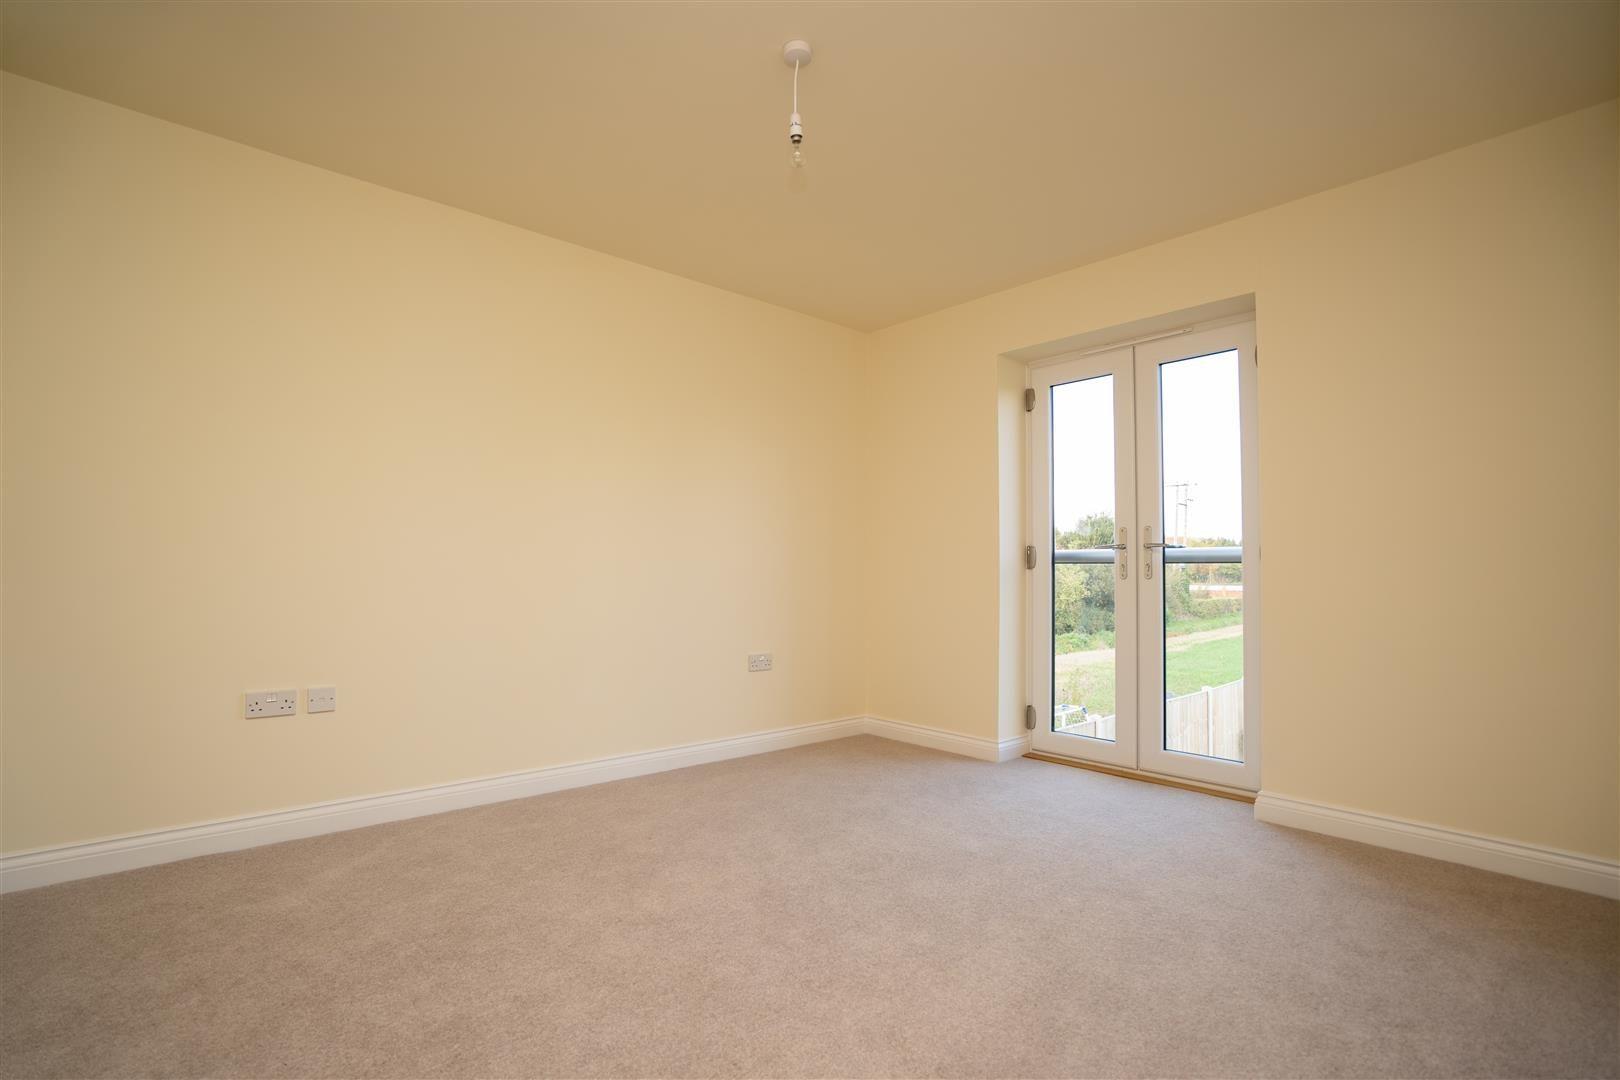 4 bed detached for sale in Kingsland  - Property Image 12